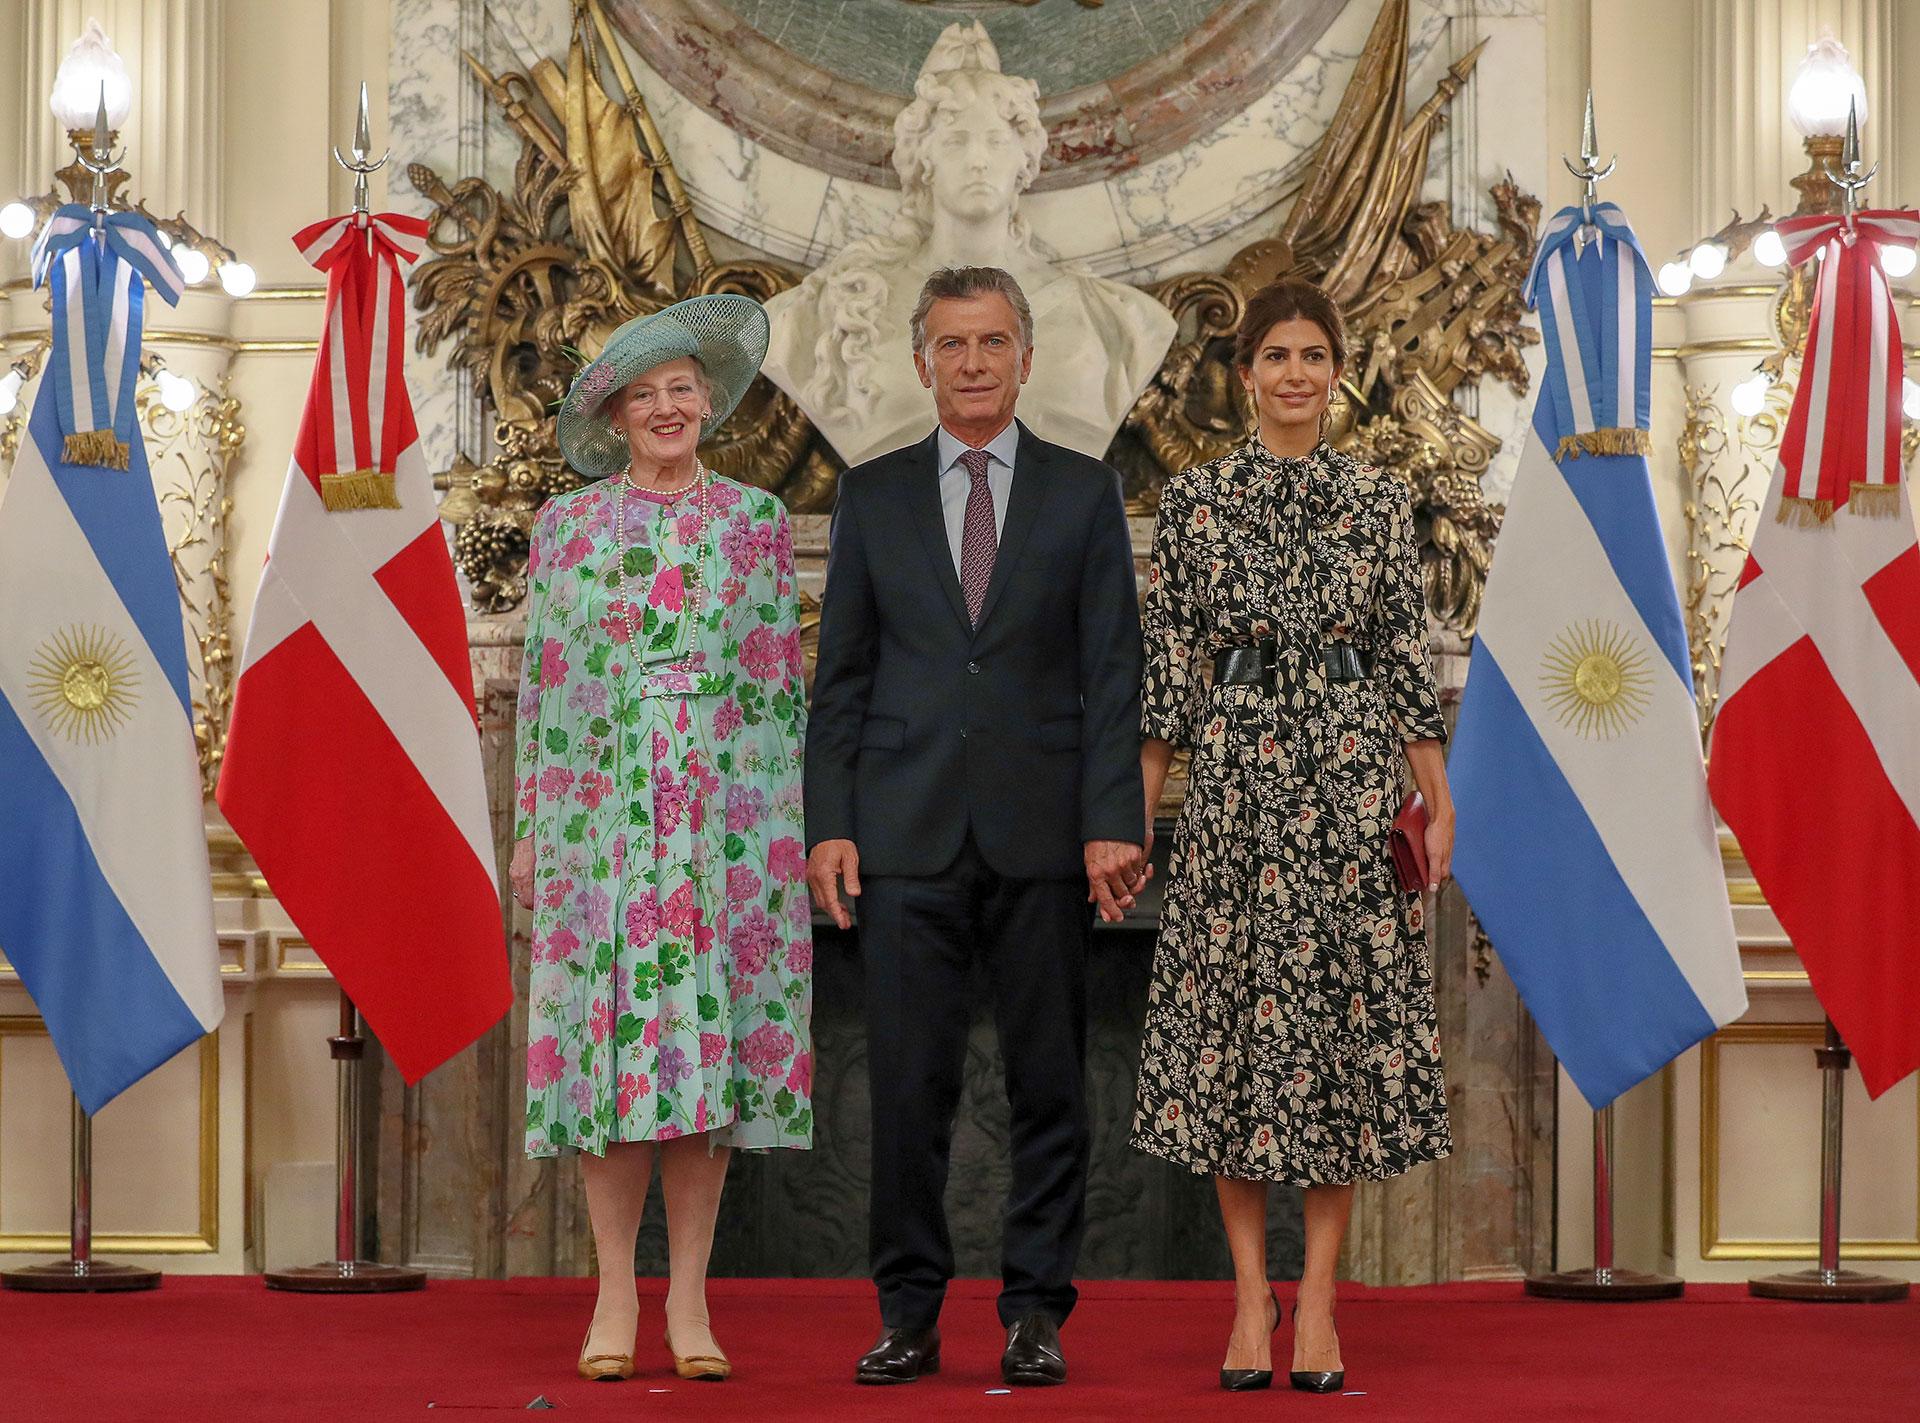 La foto oficial de la reina junto al matrimonio presidencial, como indica el protocolo en el Salón Blanco